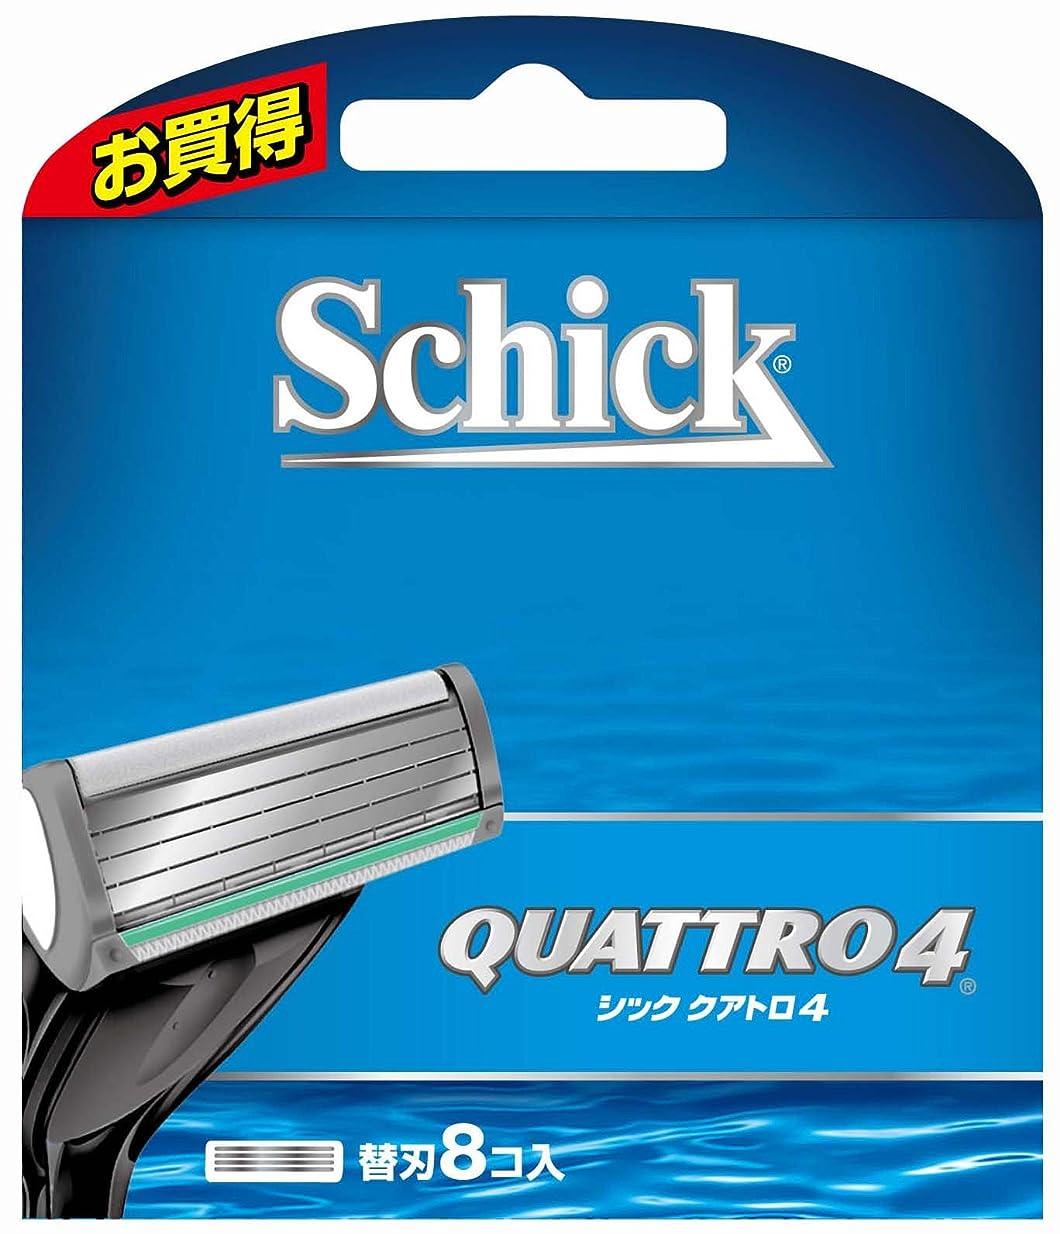 レスリング出席するぶどうシック Schick クアトロ4 4枚刃 替刃 (8コ入)